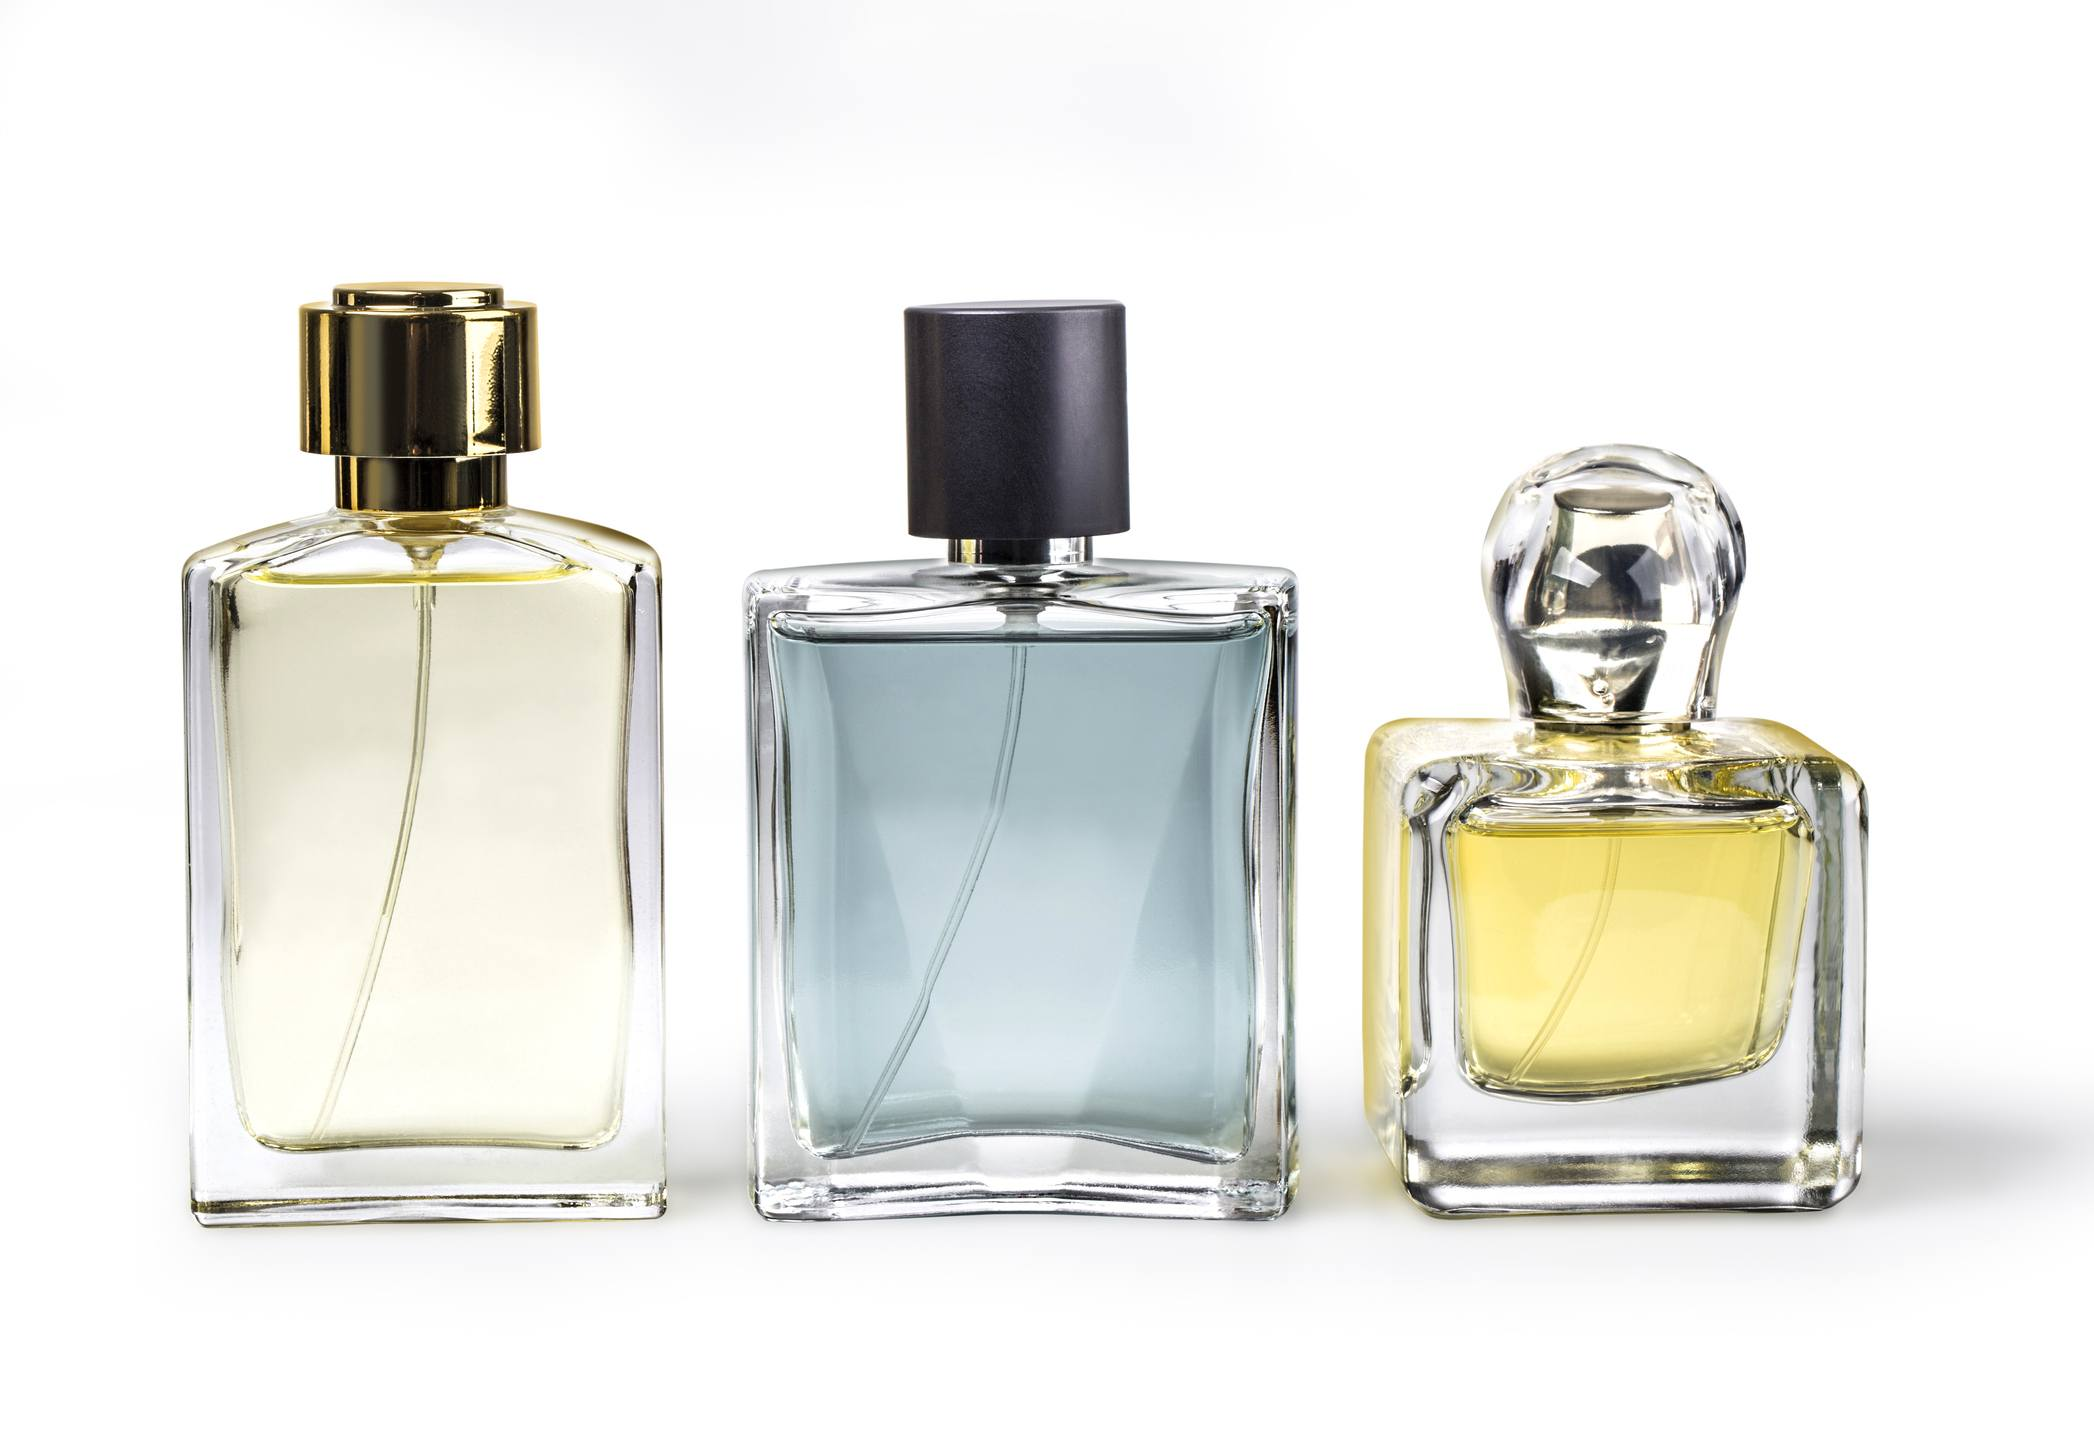 Studio photo of set of luxury perfume bottles